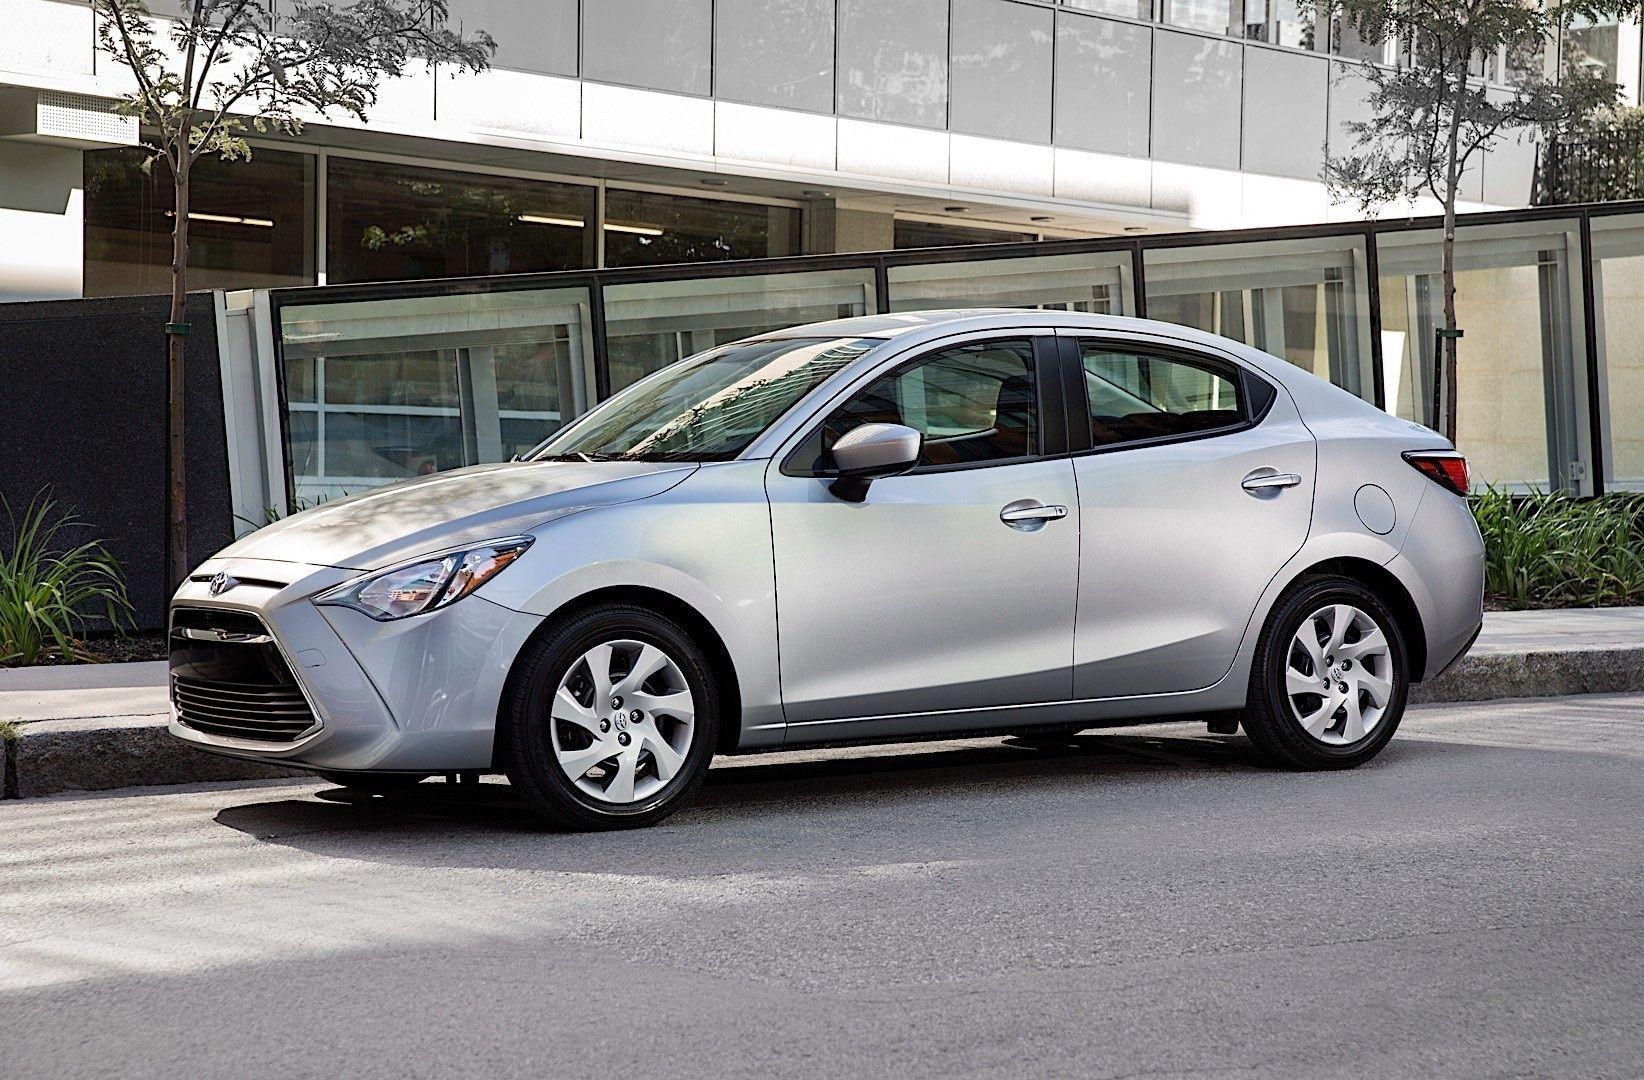 2020 Toyota Yaris Ia First Drive Toyota Yaris Ia Yaris Ia Yaris